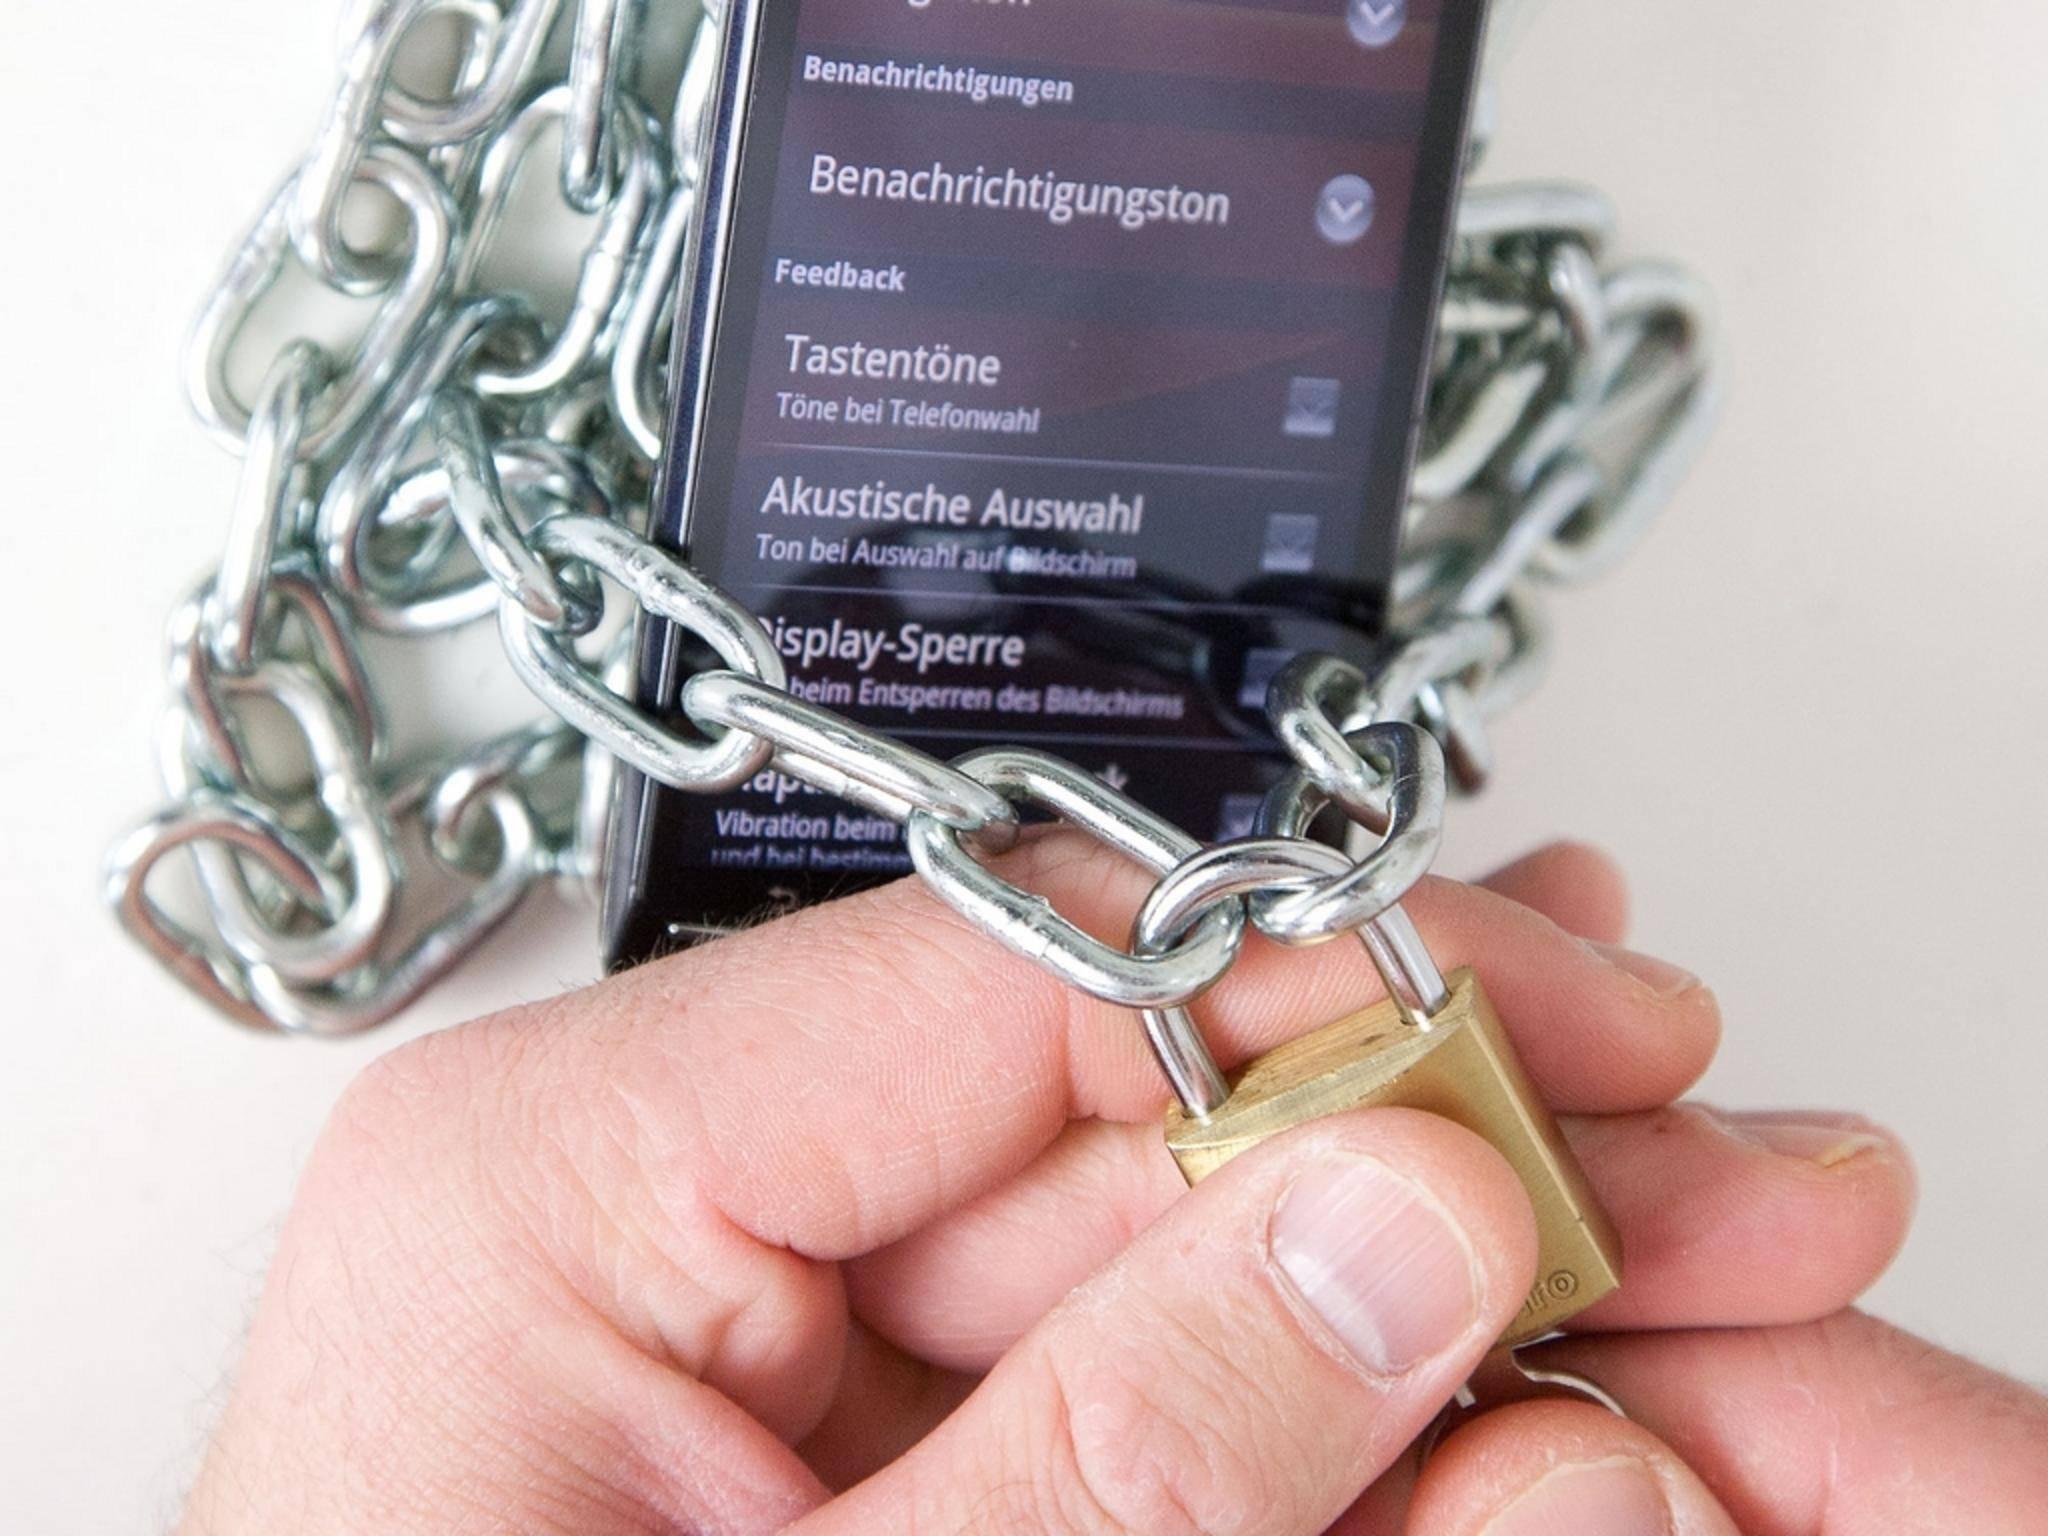 Mit Smart Lock lässt sich das Android-Smartphone intelligent entsperren.